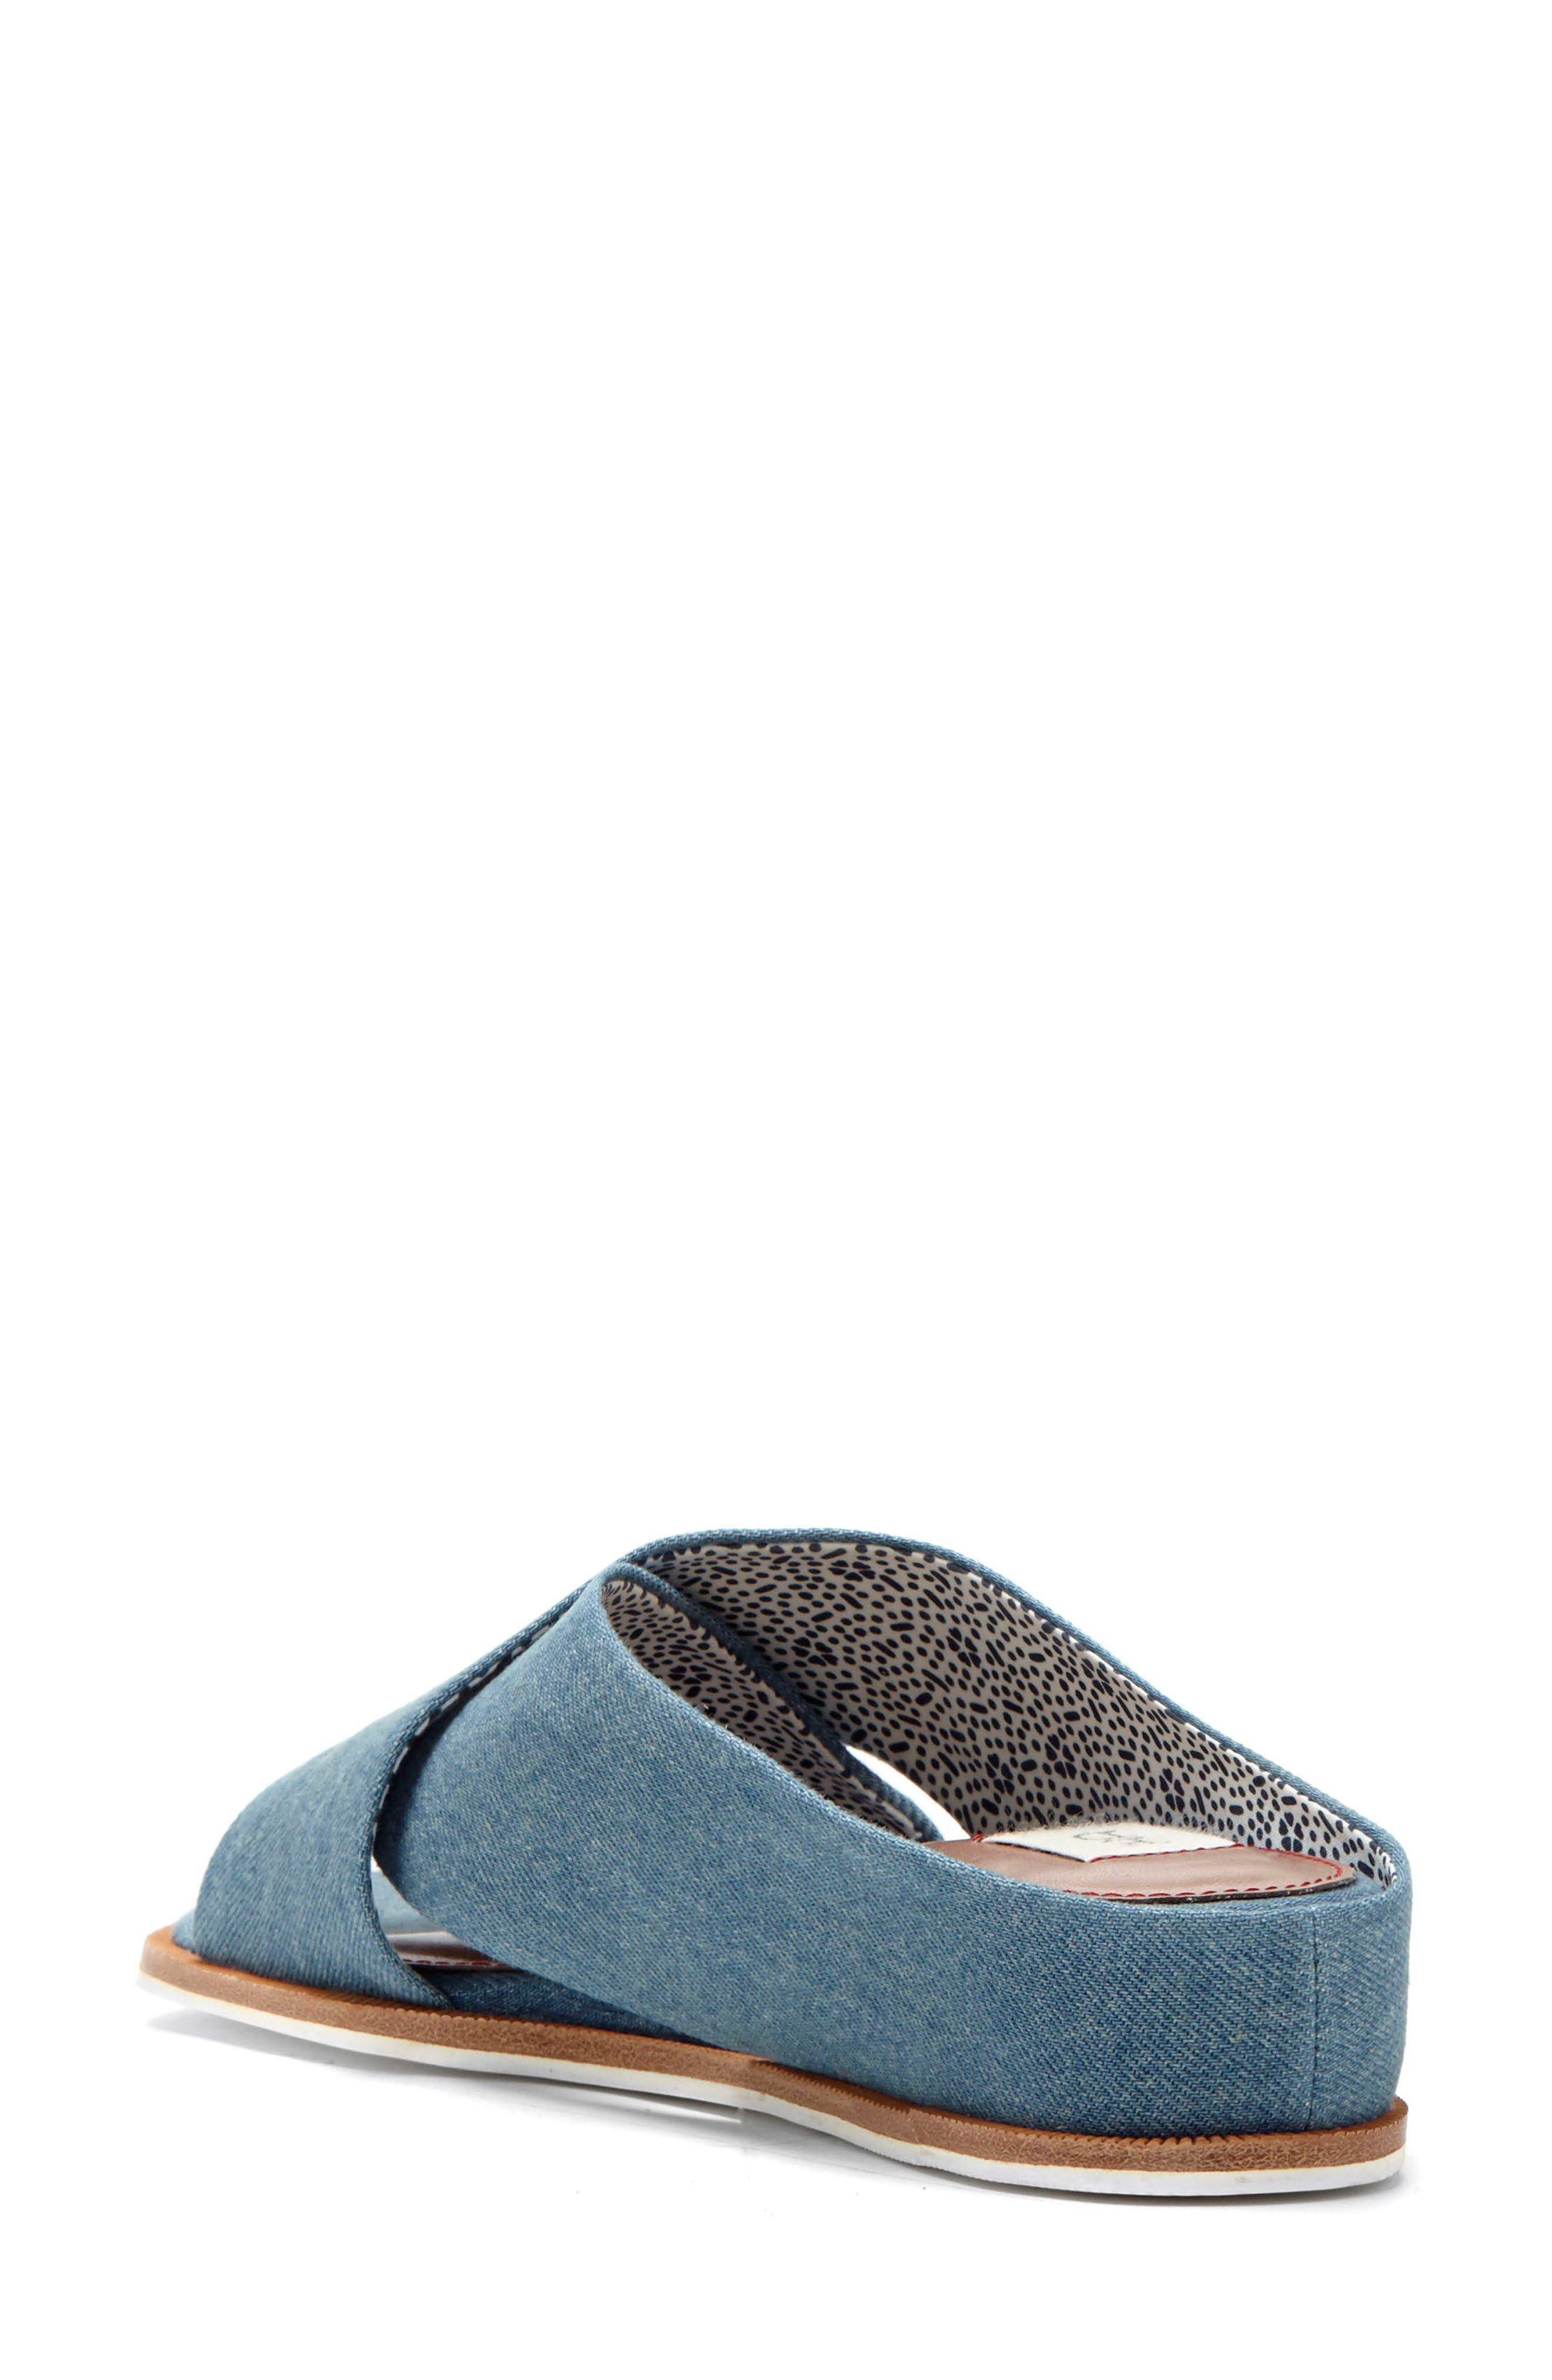 Treya Slide Sandal,                             Alternate thumbnail 6, color,